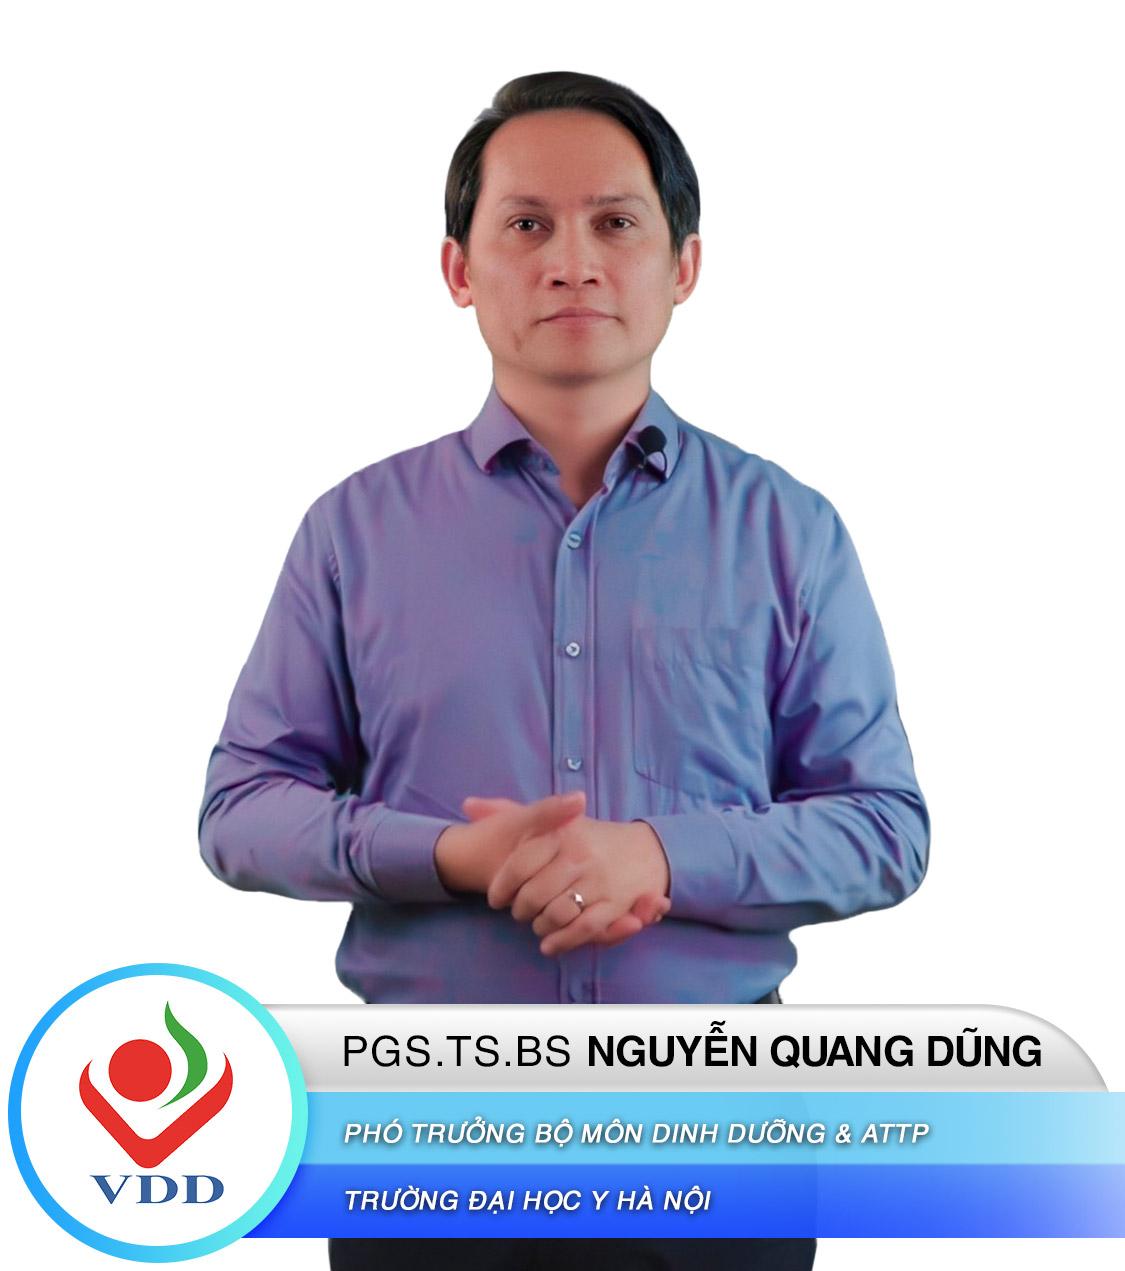 5. Nguyễn Quang Dũng